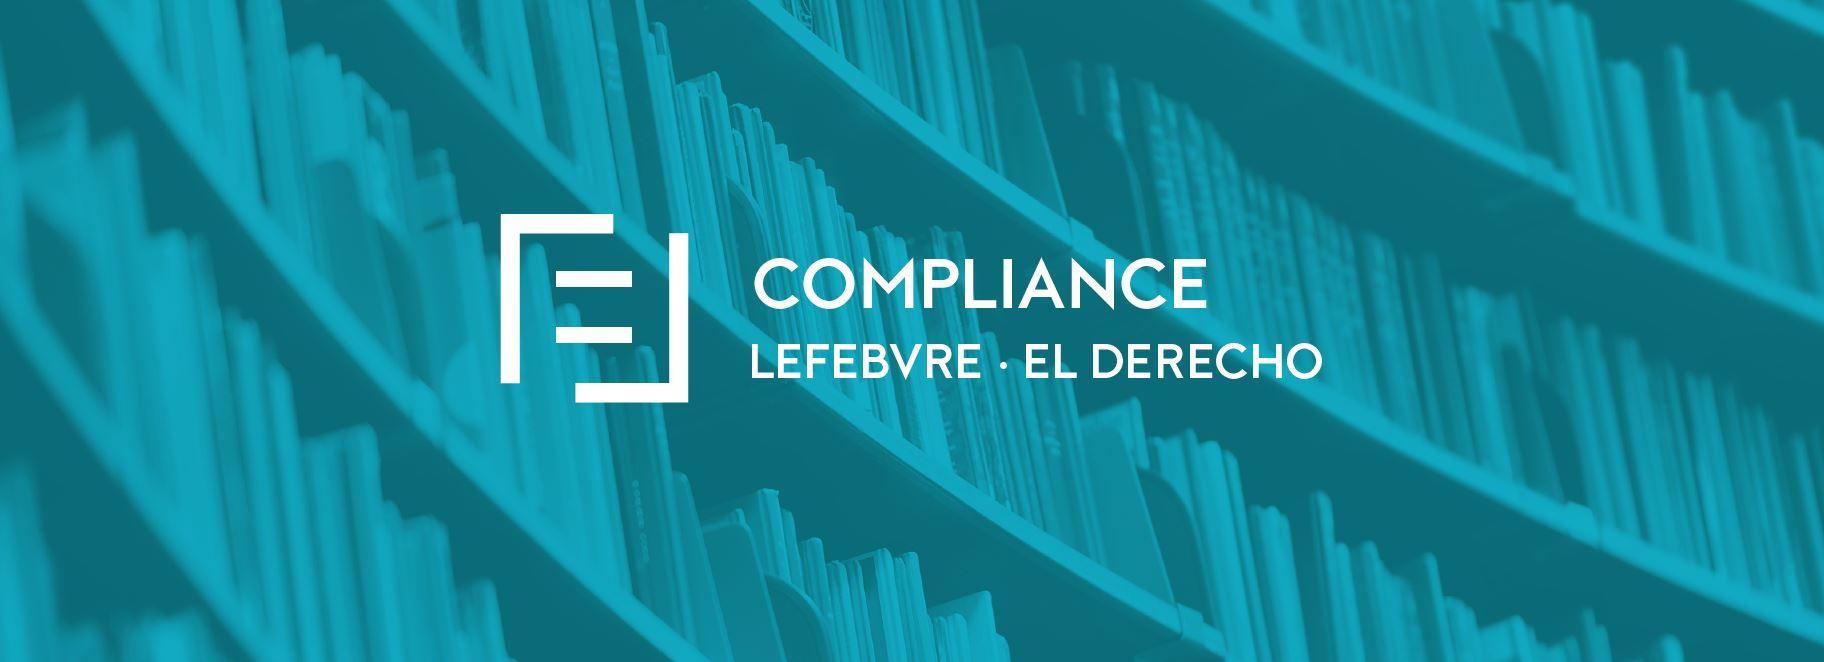 Compliance Penal, la herramienta para implantar un programa de vigilancia y control eficaz de la actividad de la empresa